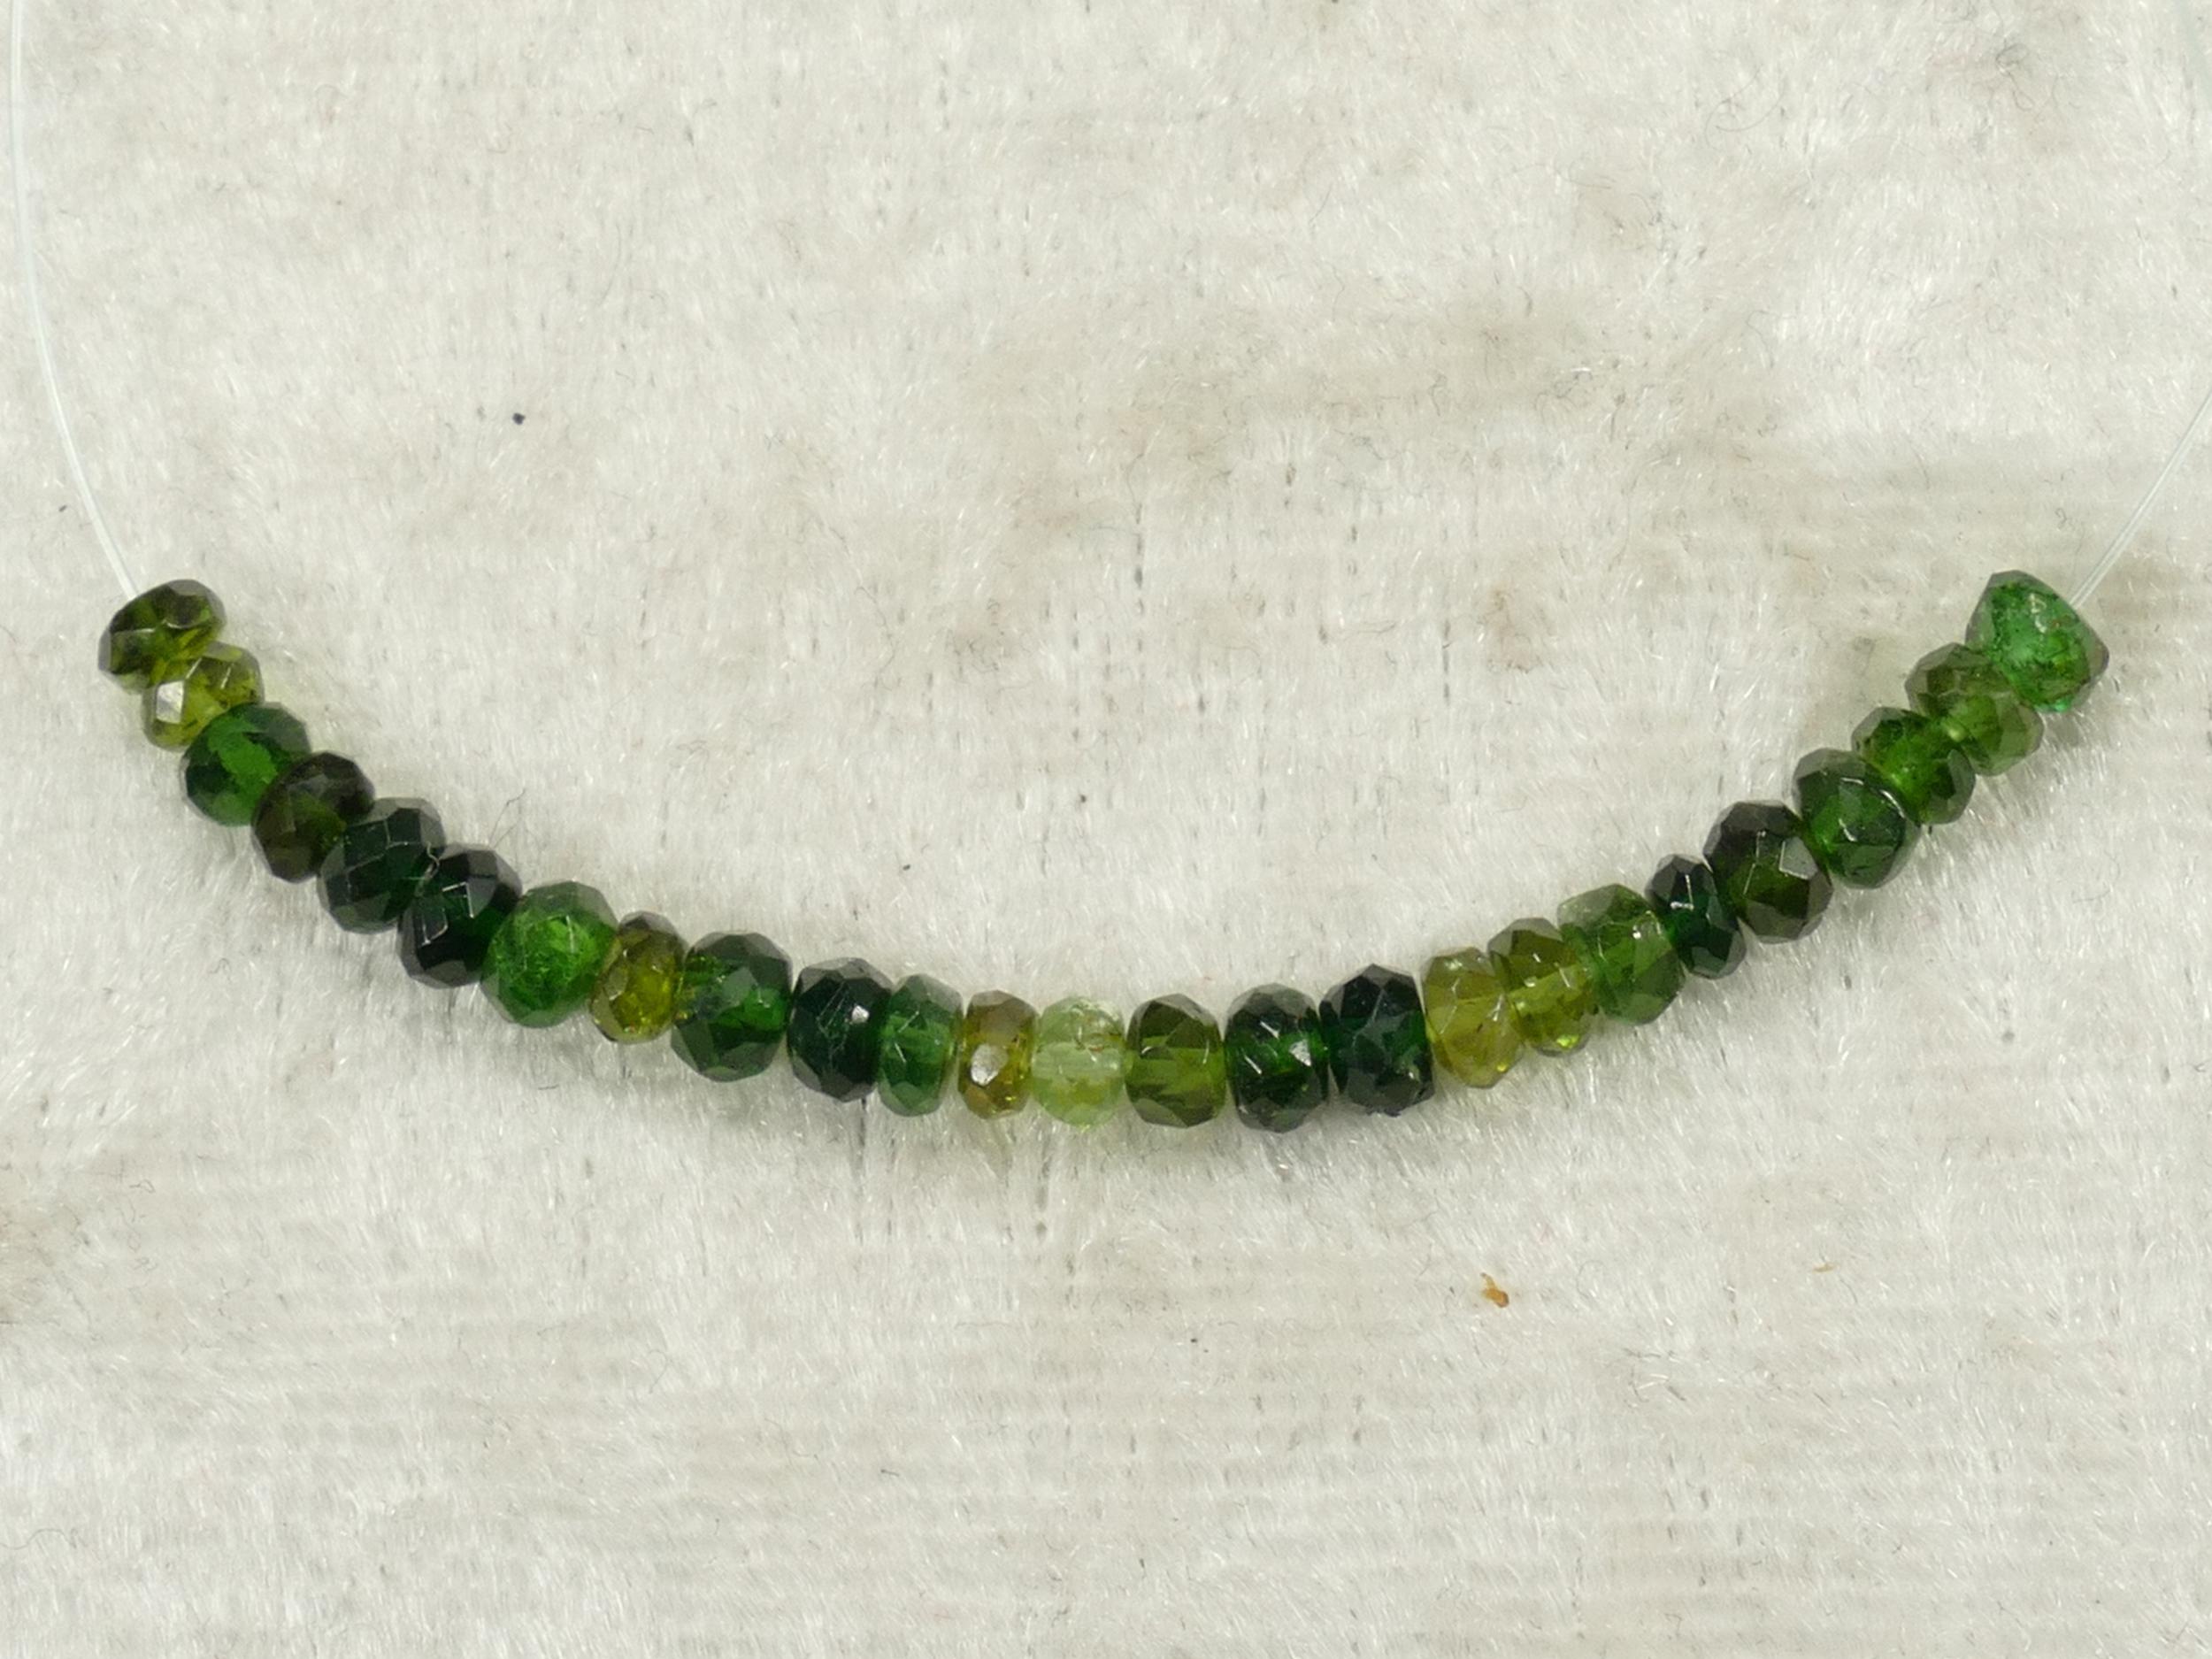 3.6/3.2mm Perles de Tourmaline naturelle Verdelite verte en rondelle facettée (#PK941)